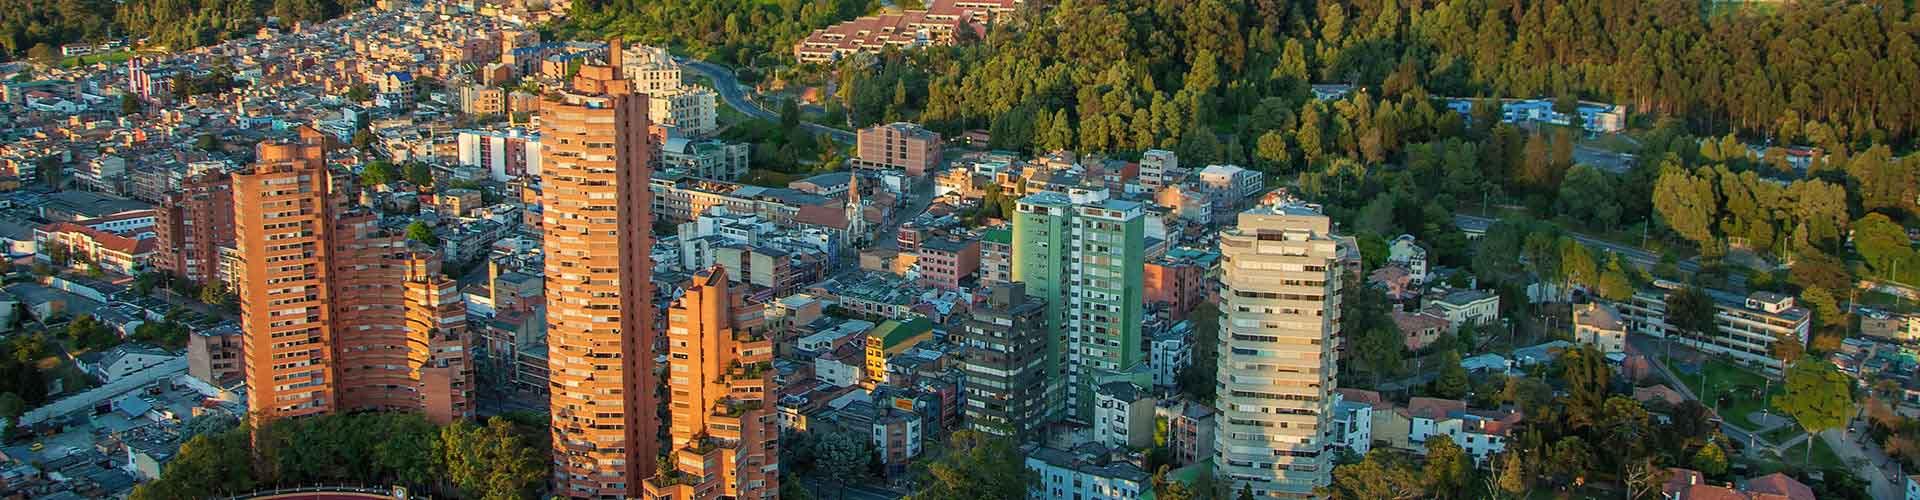 Bogota - Auberges de jeunesse dans le quartier de La Cathédrale. Cartes pour Bogota, photos et commentaires pour chaque auberge de jeunesse à Bogota.